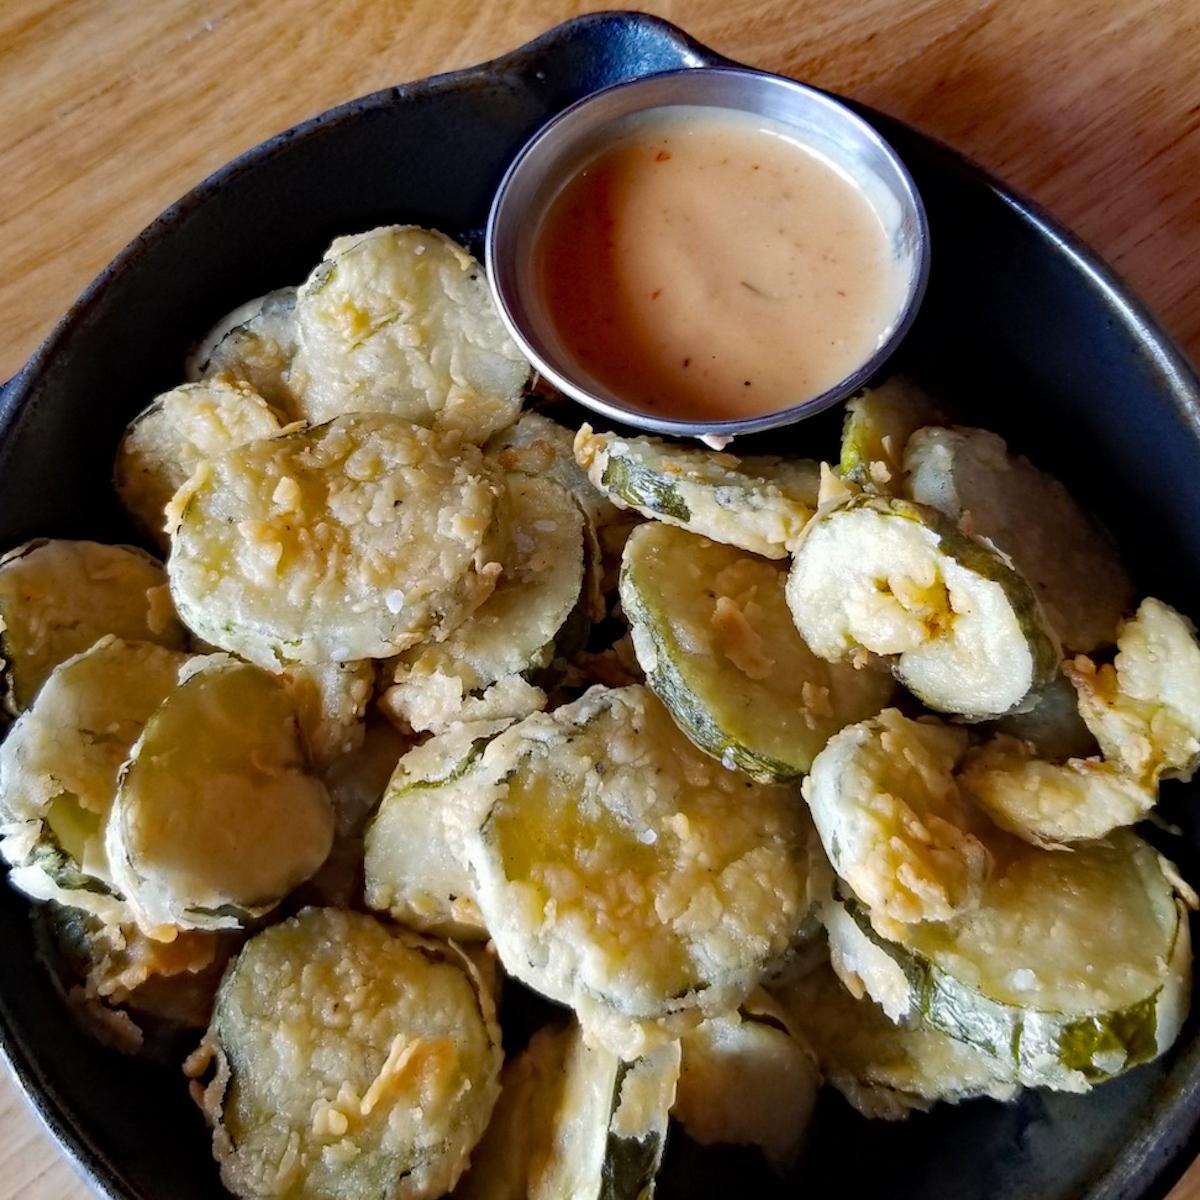 Fried pickles at Eastside Tavern